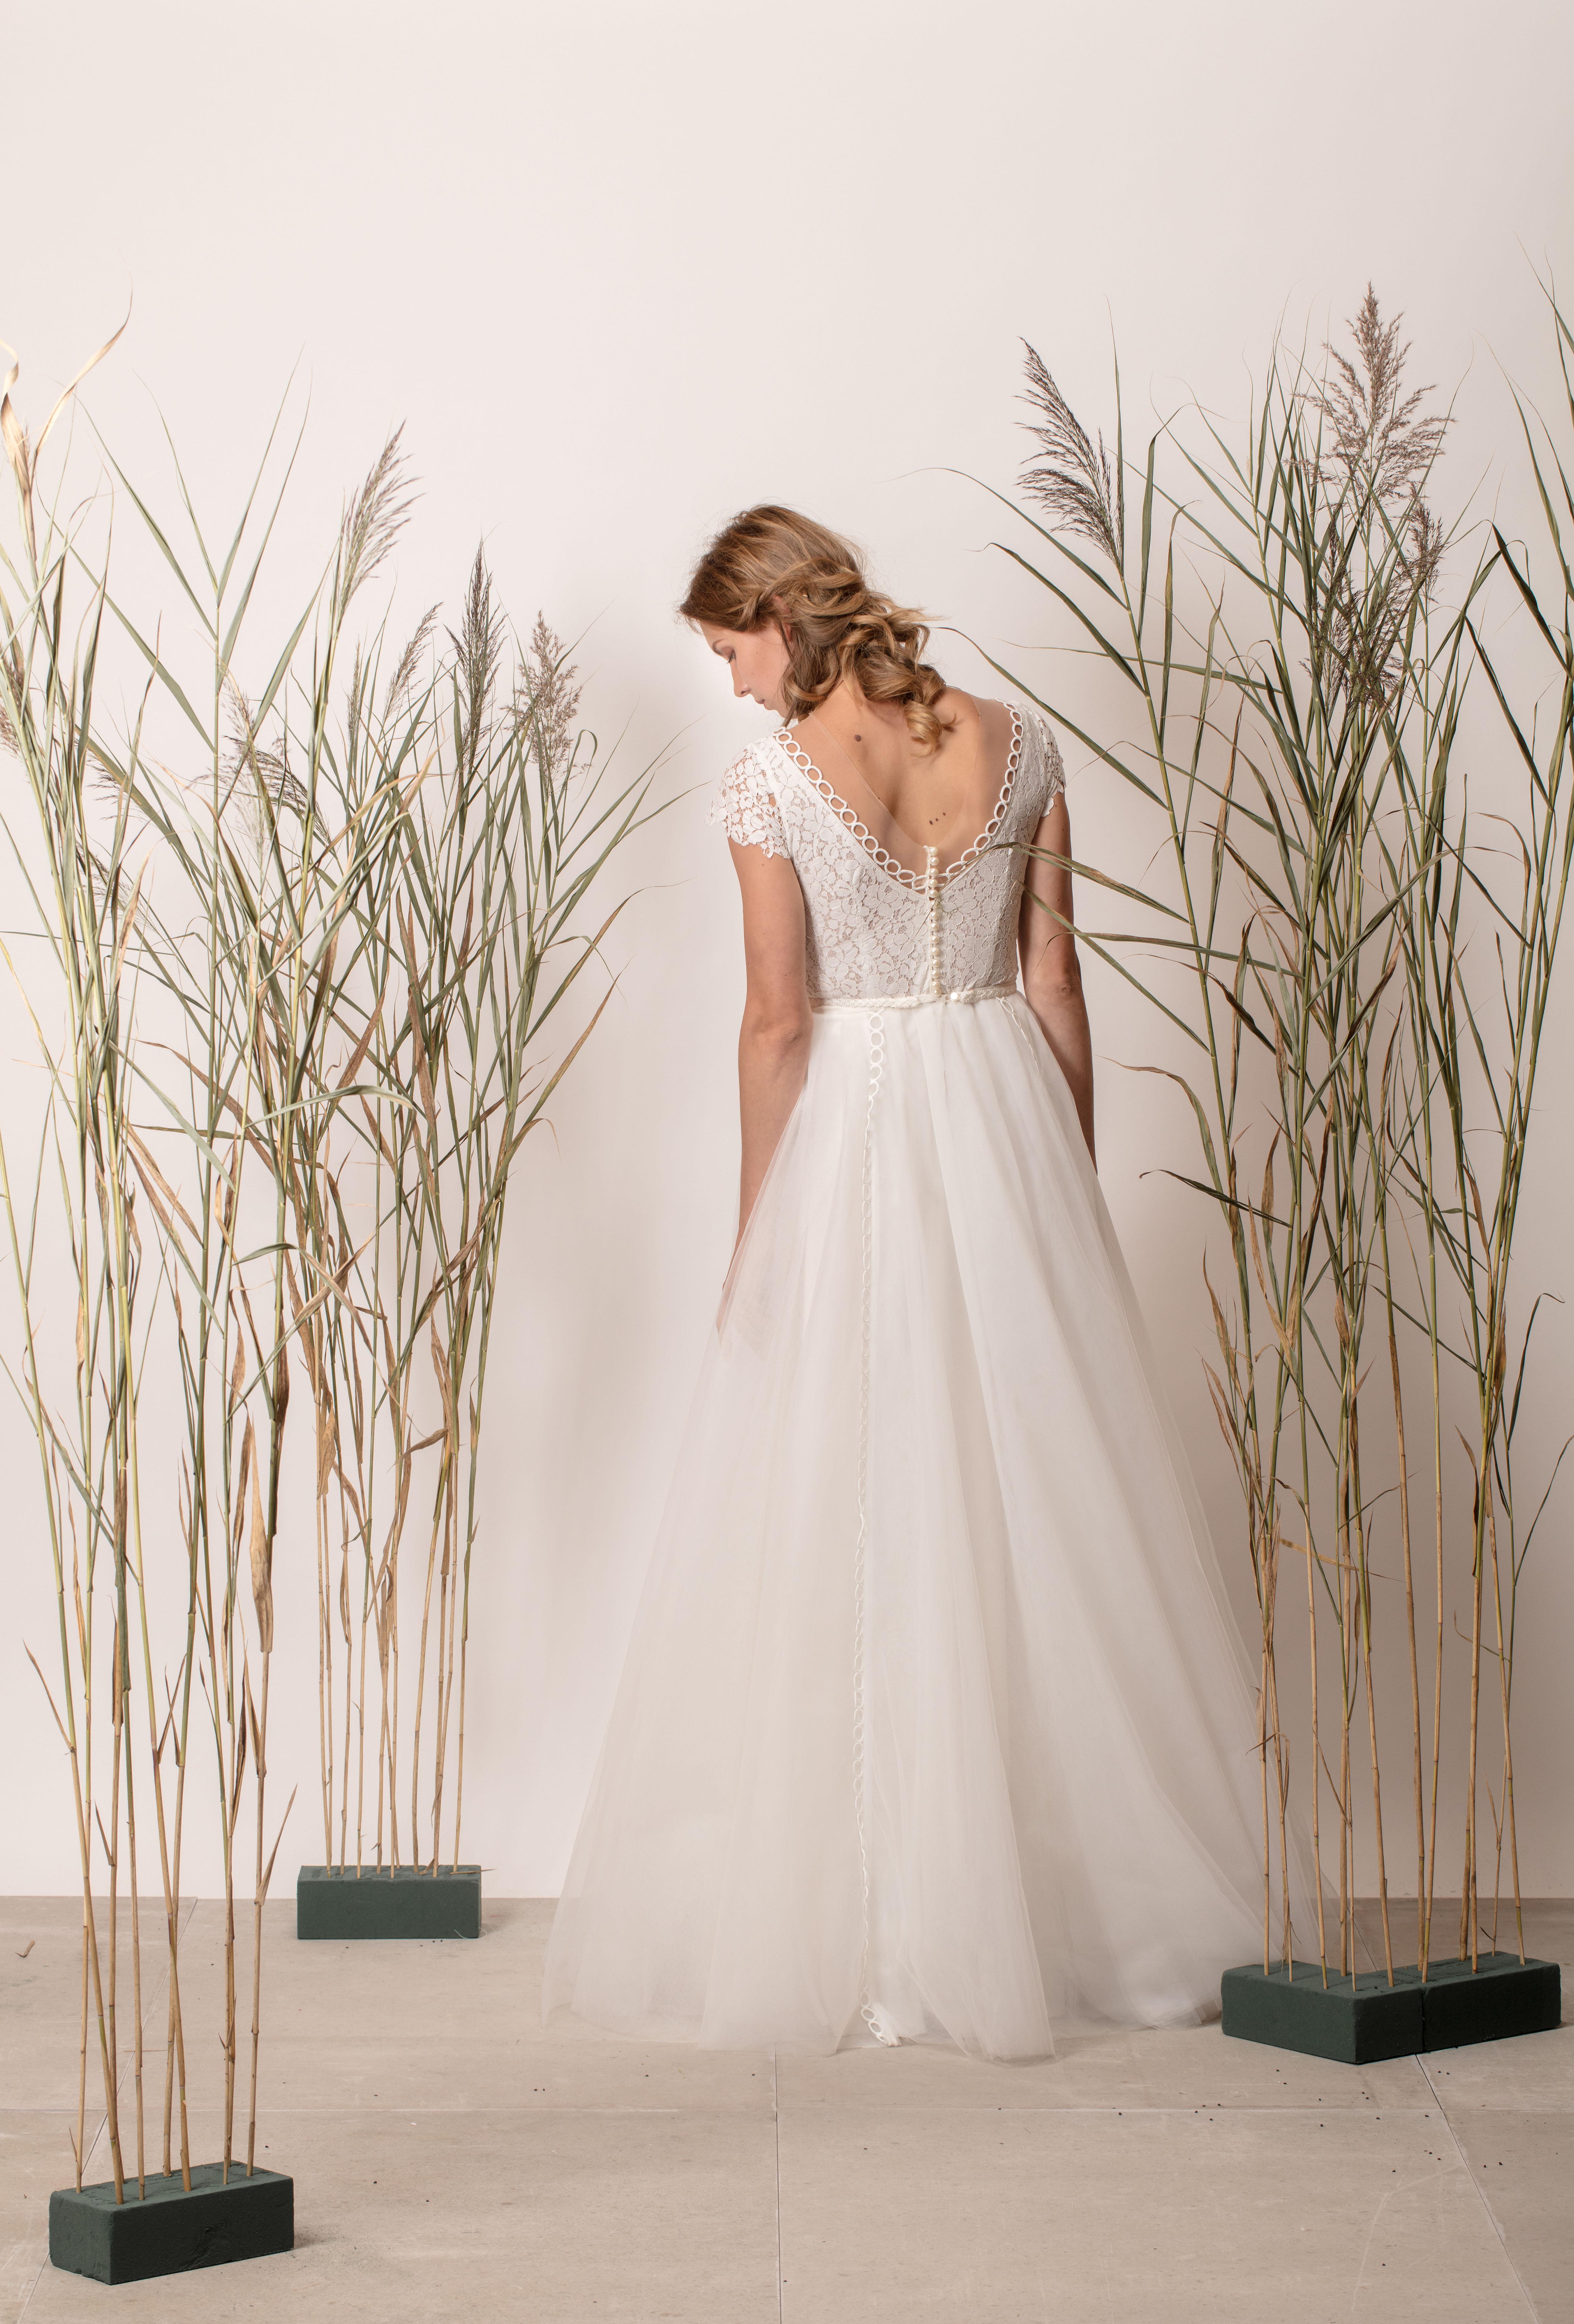 Hercegnős menyasszonyi ruha csipke felsőrésszel és tül szoknyával